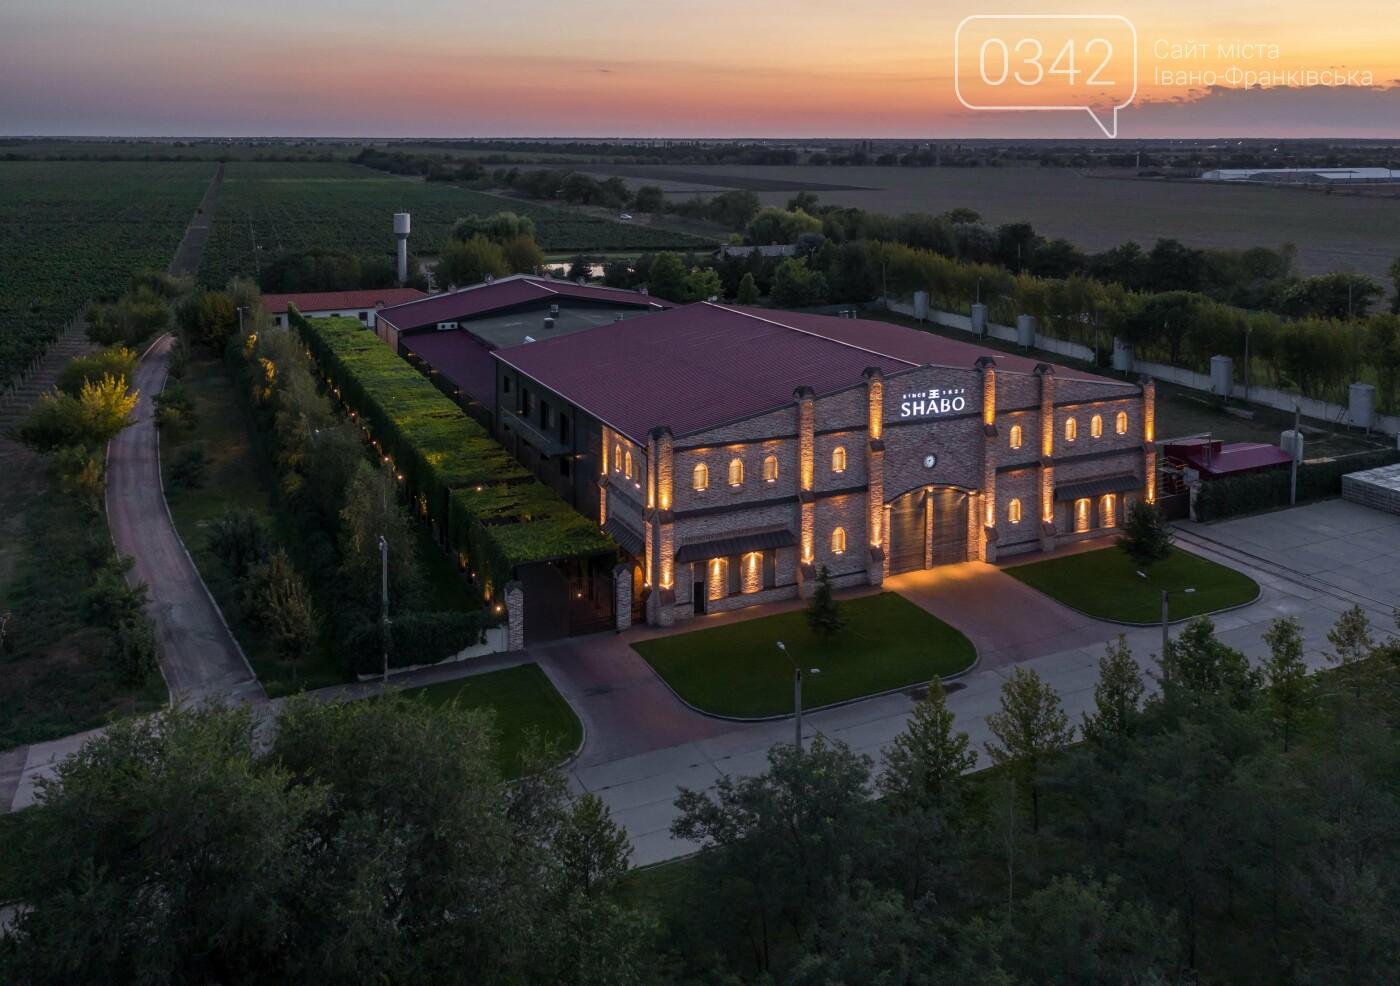 Визначено ТОП-5 місць в Україні, які можуть замінити закордонні поїздки, фото-1